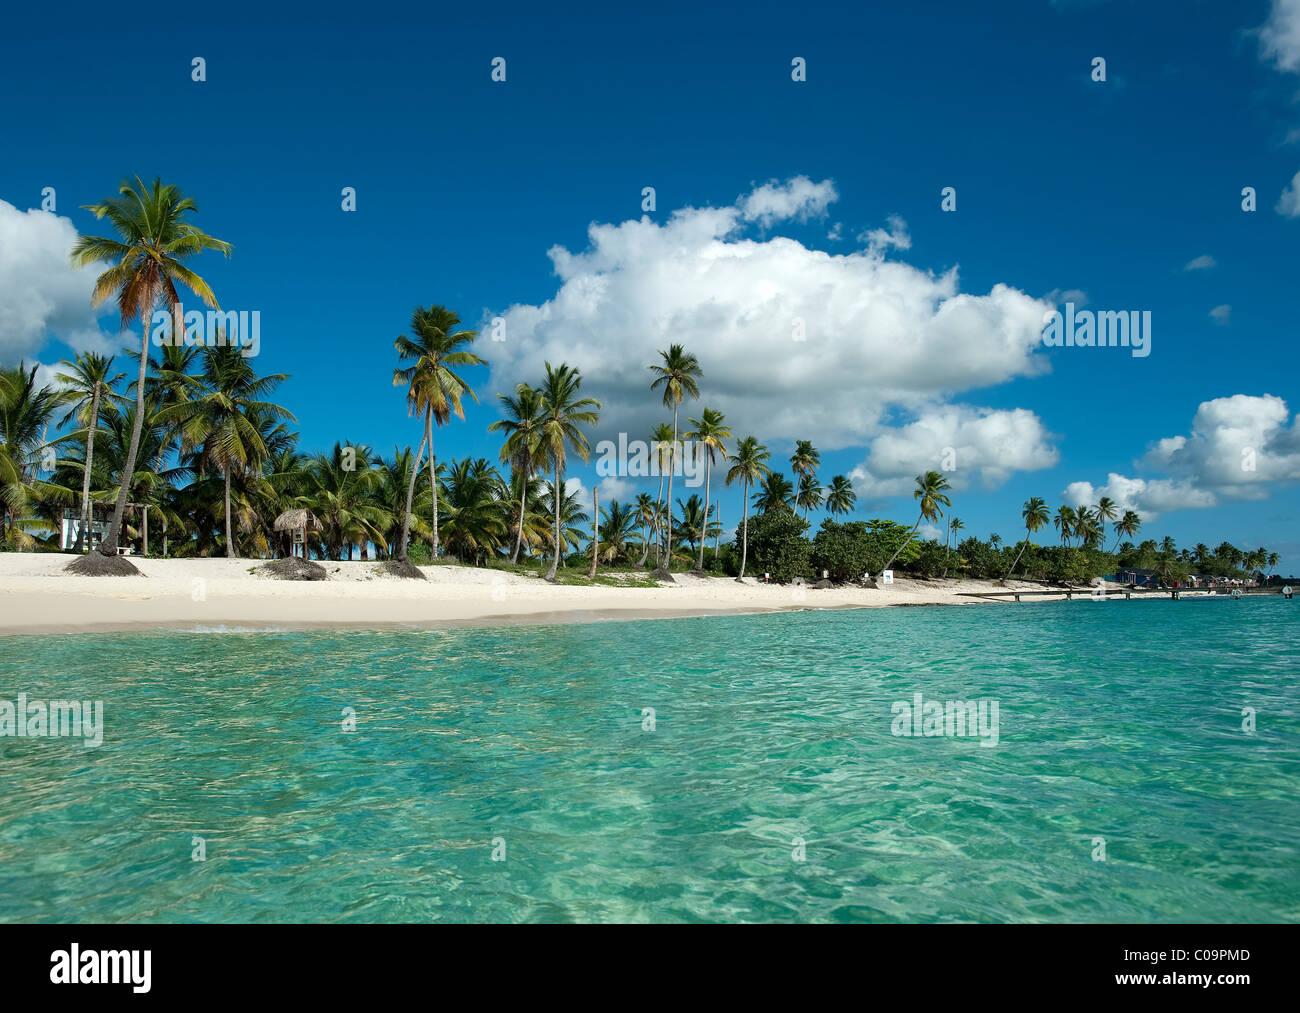 Playas de Bayahibe, República Dominicana Imagen De Stock